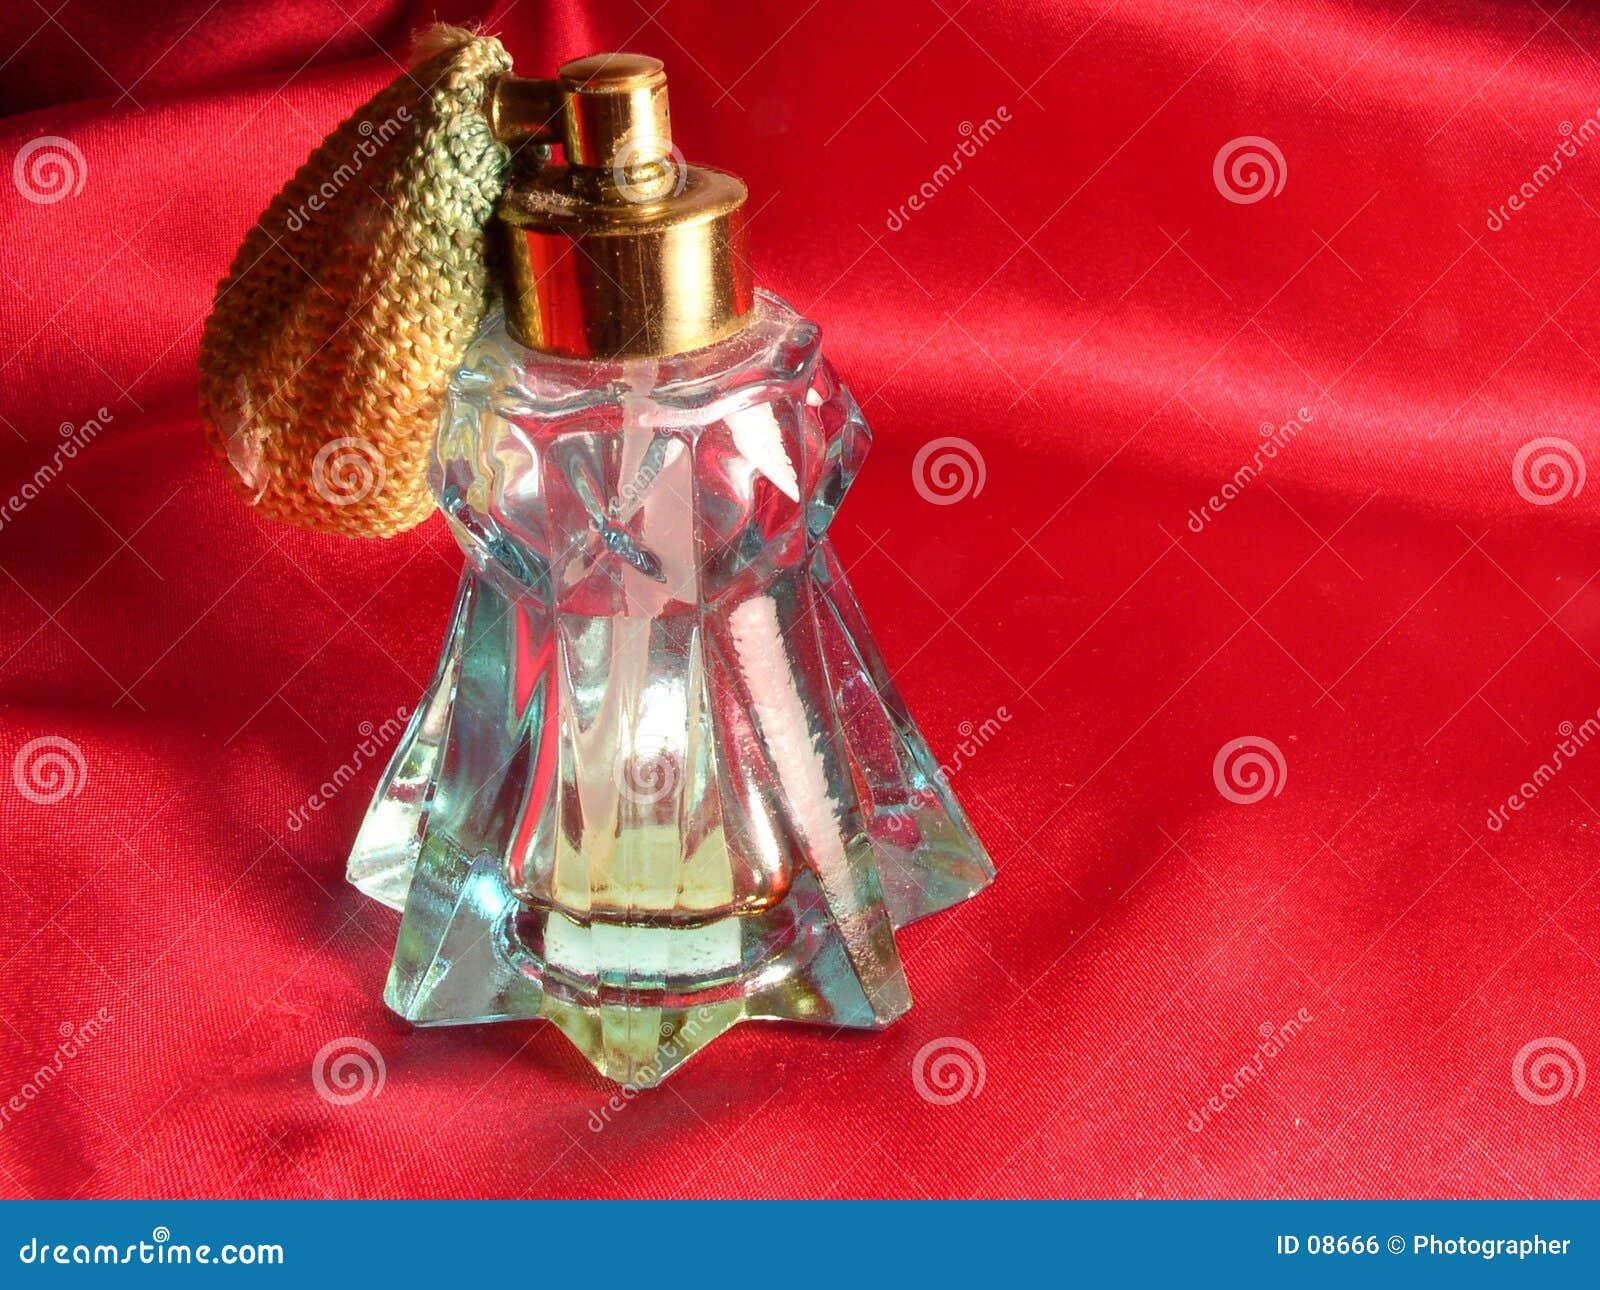 сатинировка красного цвета дух бутылки